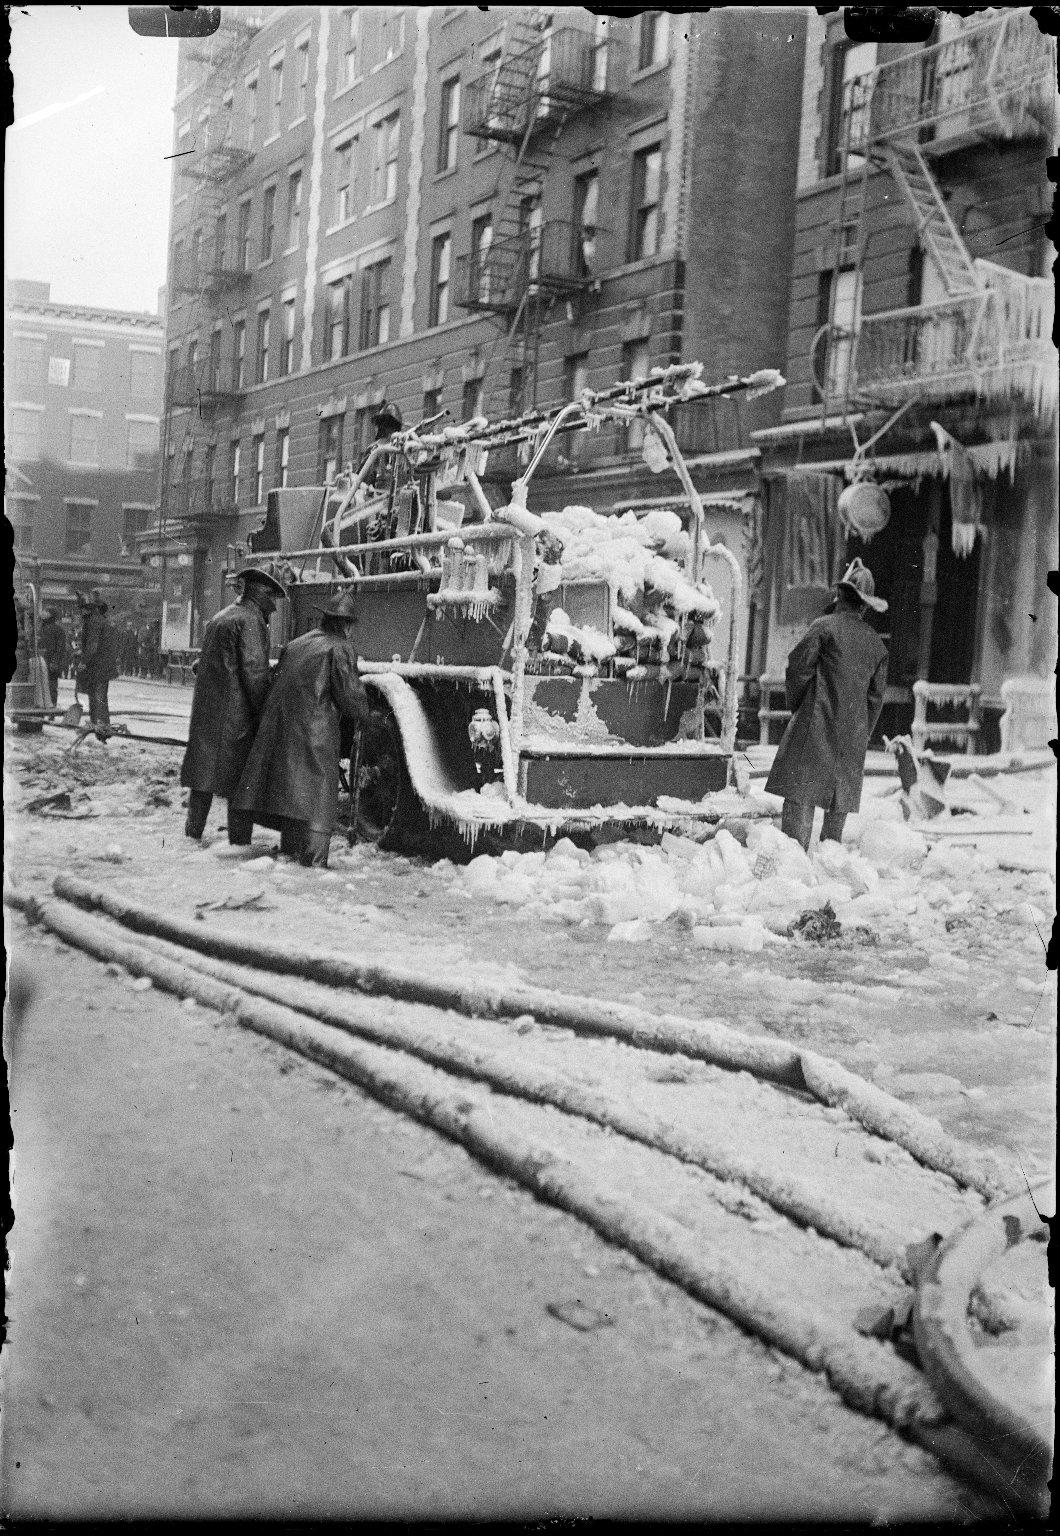 Обледеневший пожарный насос на месте пожара. Нью-Йорк, США. Начало 20 века